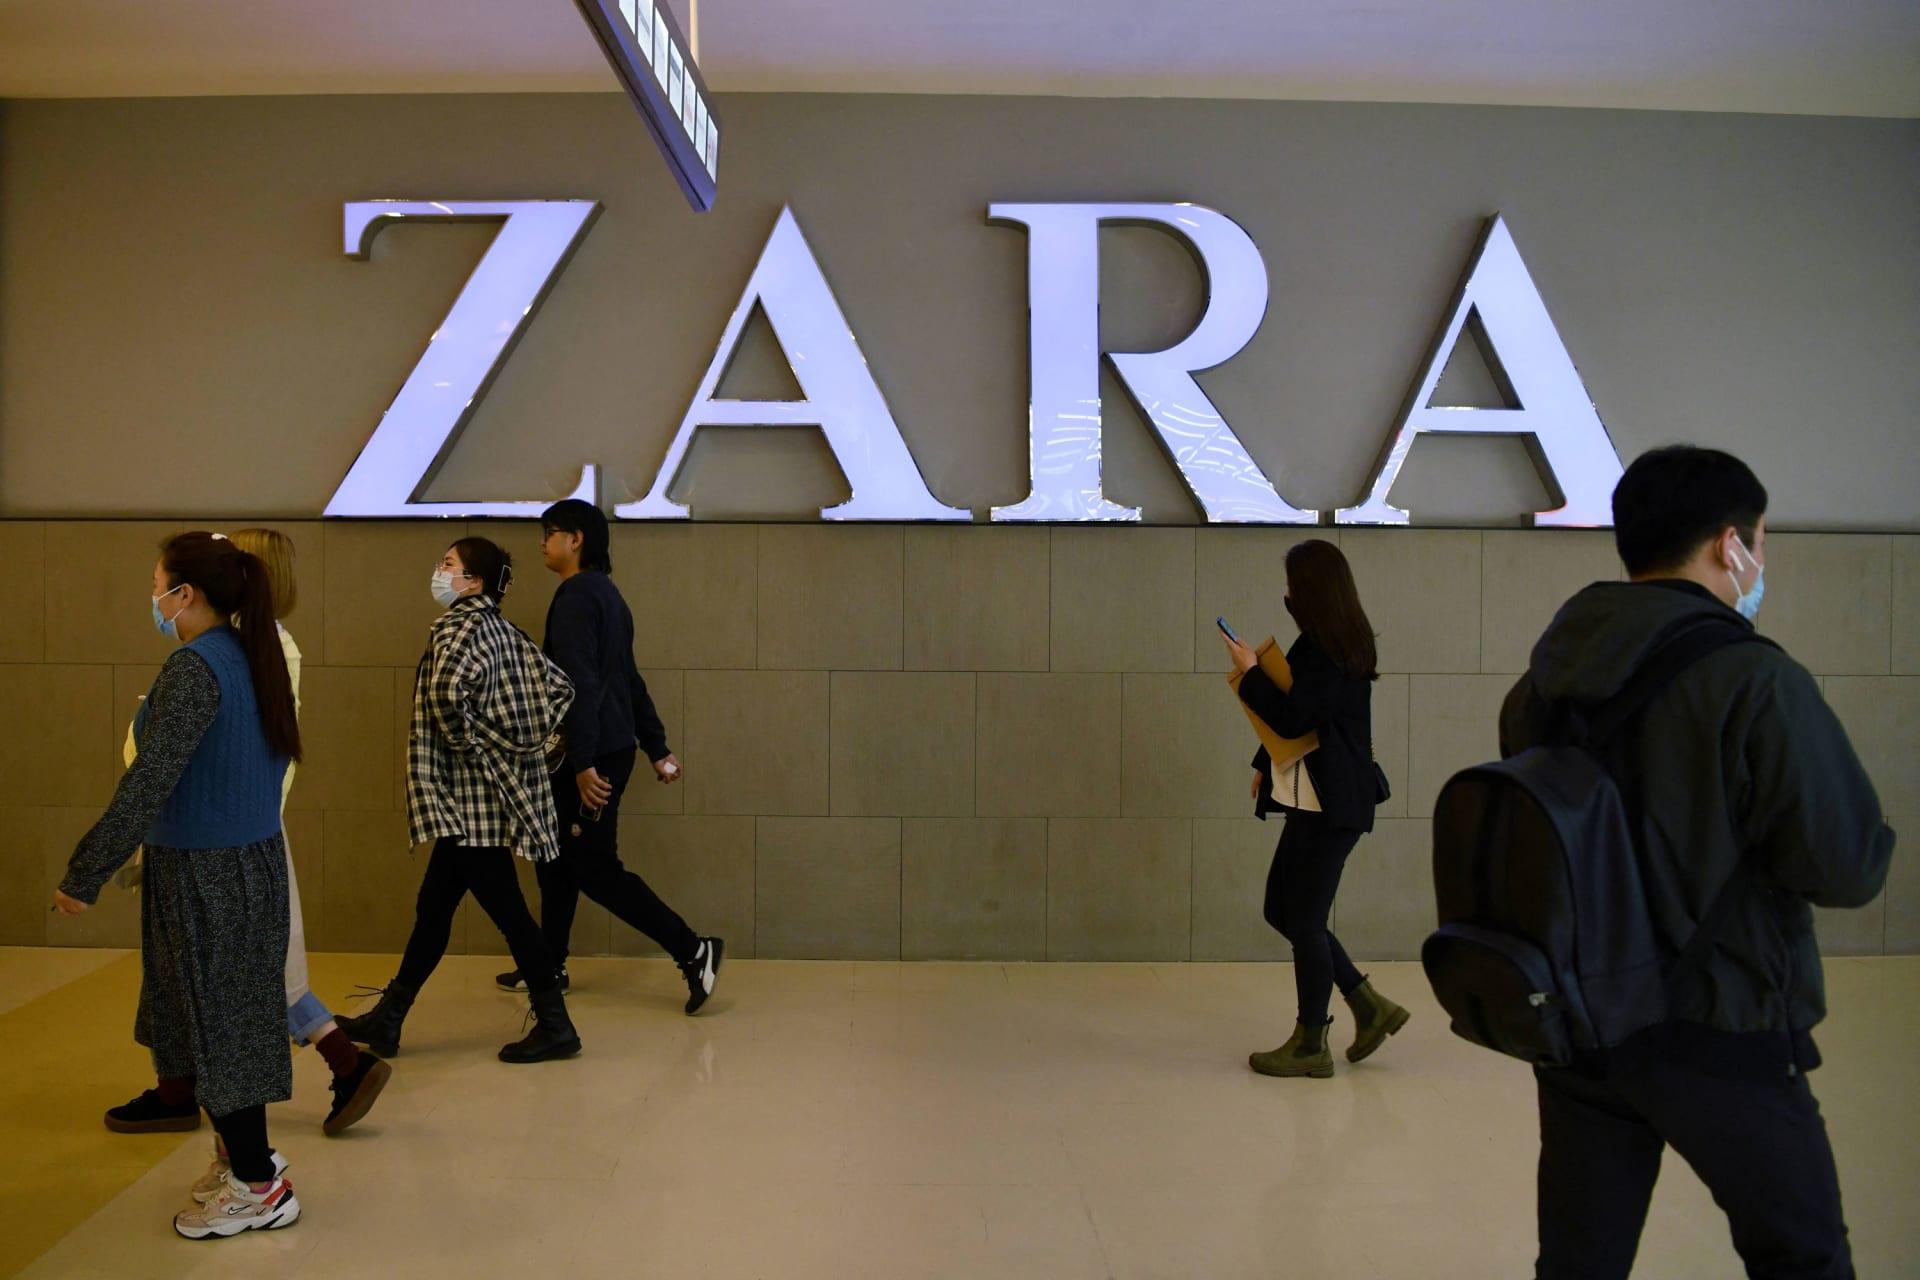 """تعرض علامة """"زارا"""" للأزياء لانتقادات شديدة بعد إرسال إحدى مصمميها رسائل تحريضية لعارض الأزياء الفلسطيني قاهر حرحش"""